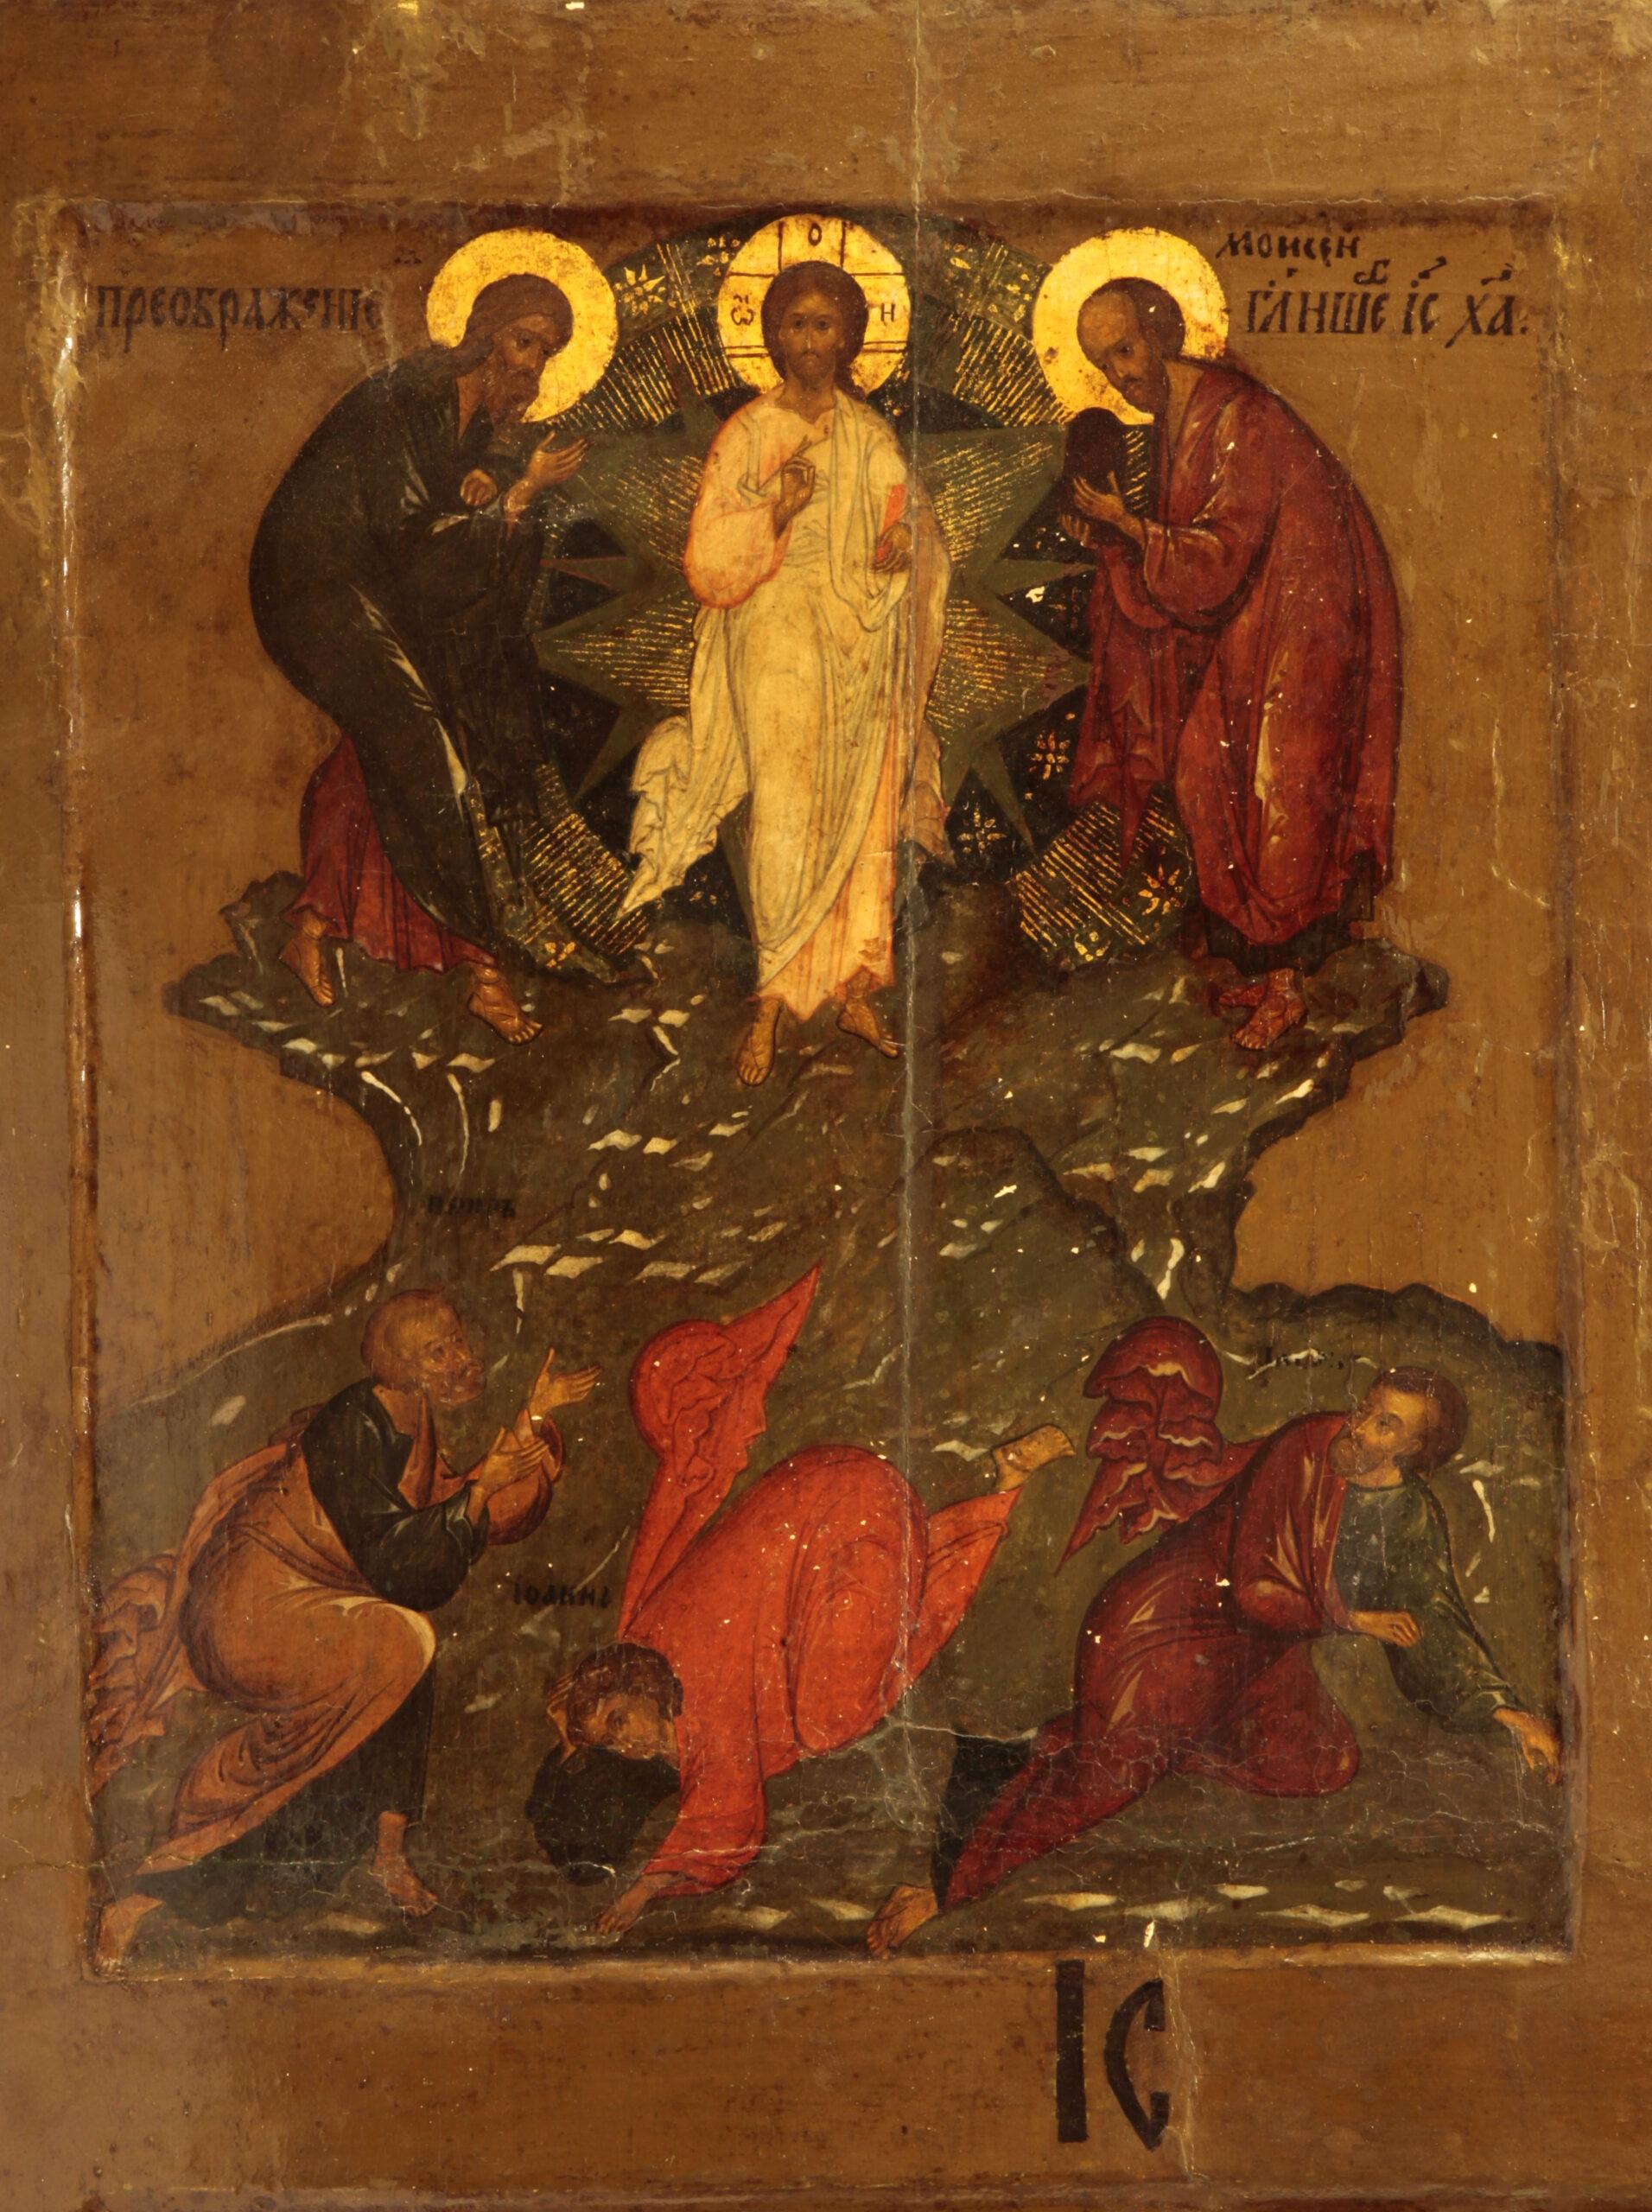 Икона «Преображение Господне». XVI в. Из праздничного ряда иконостаса церкви Григория Армянского